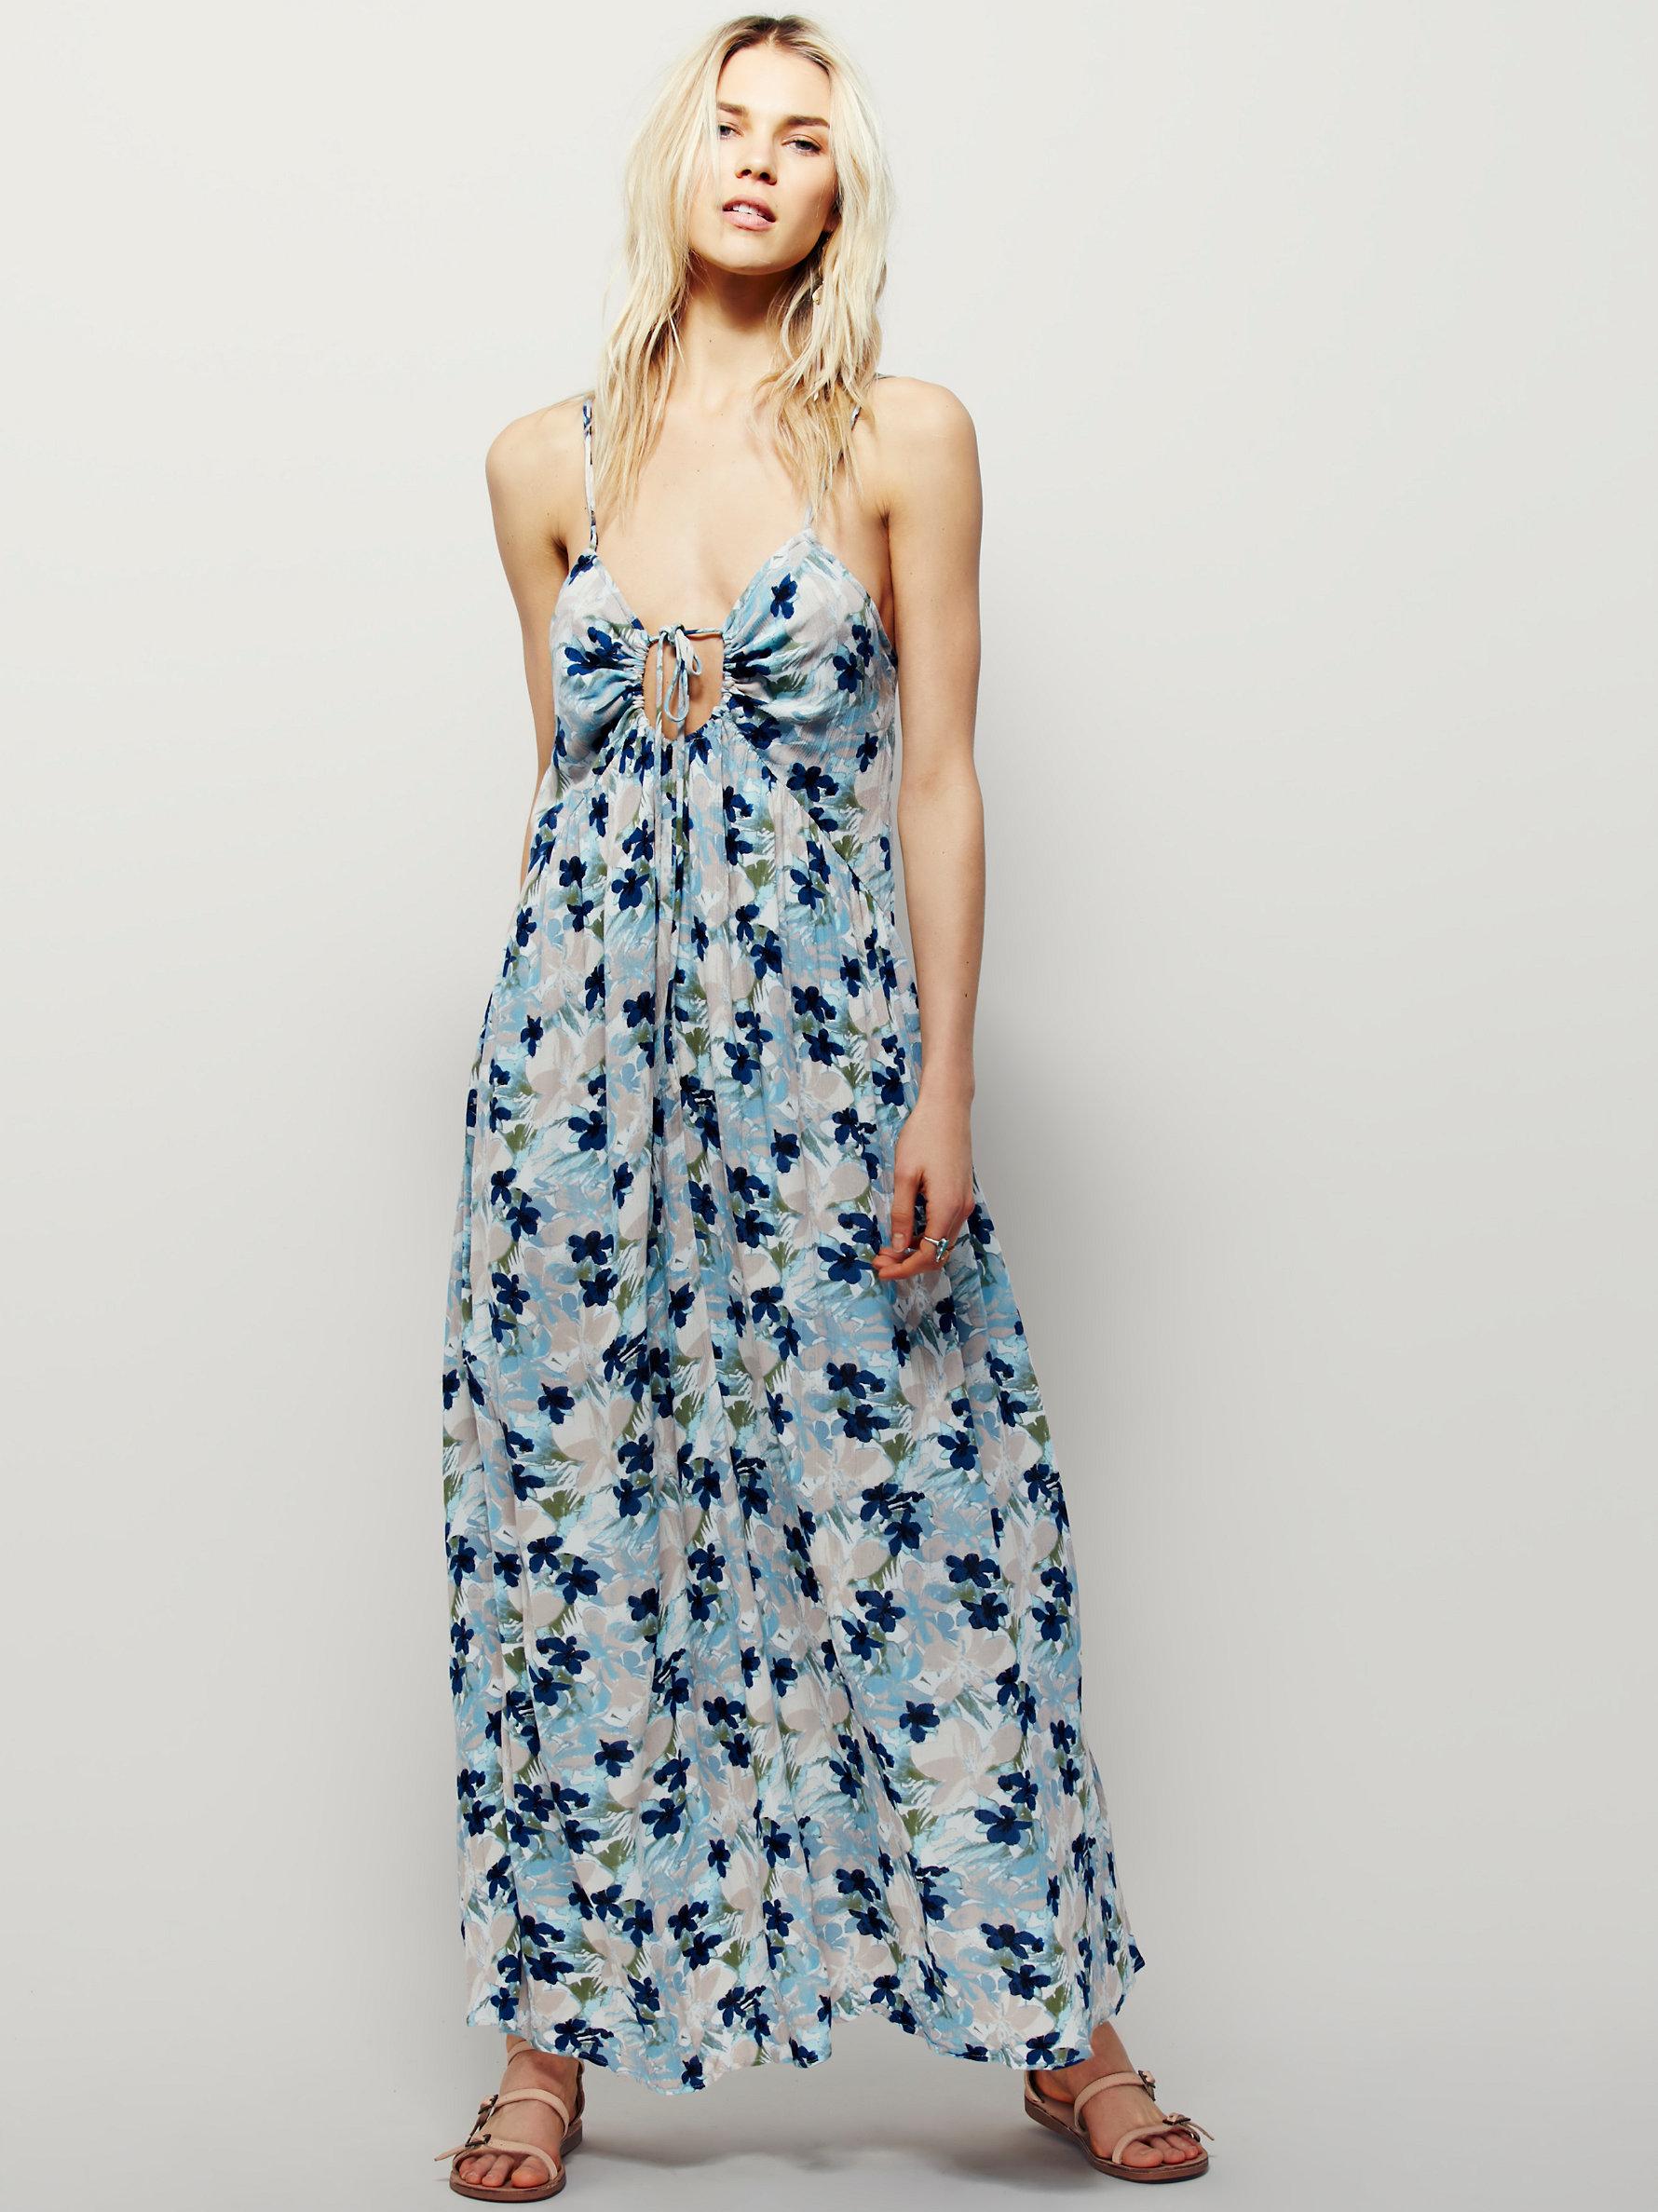 91125fcfdec Free People Mulberry Dress in Blue - Lyst